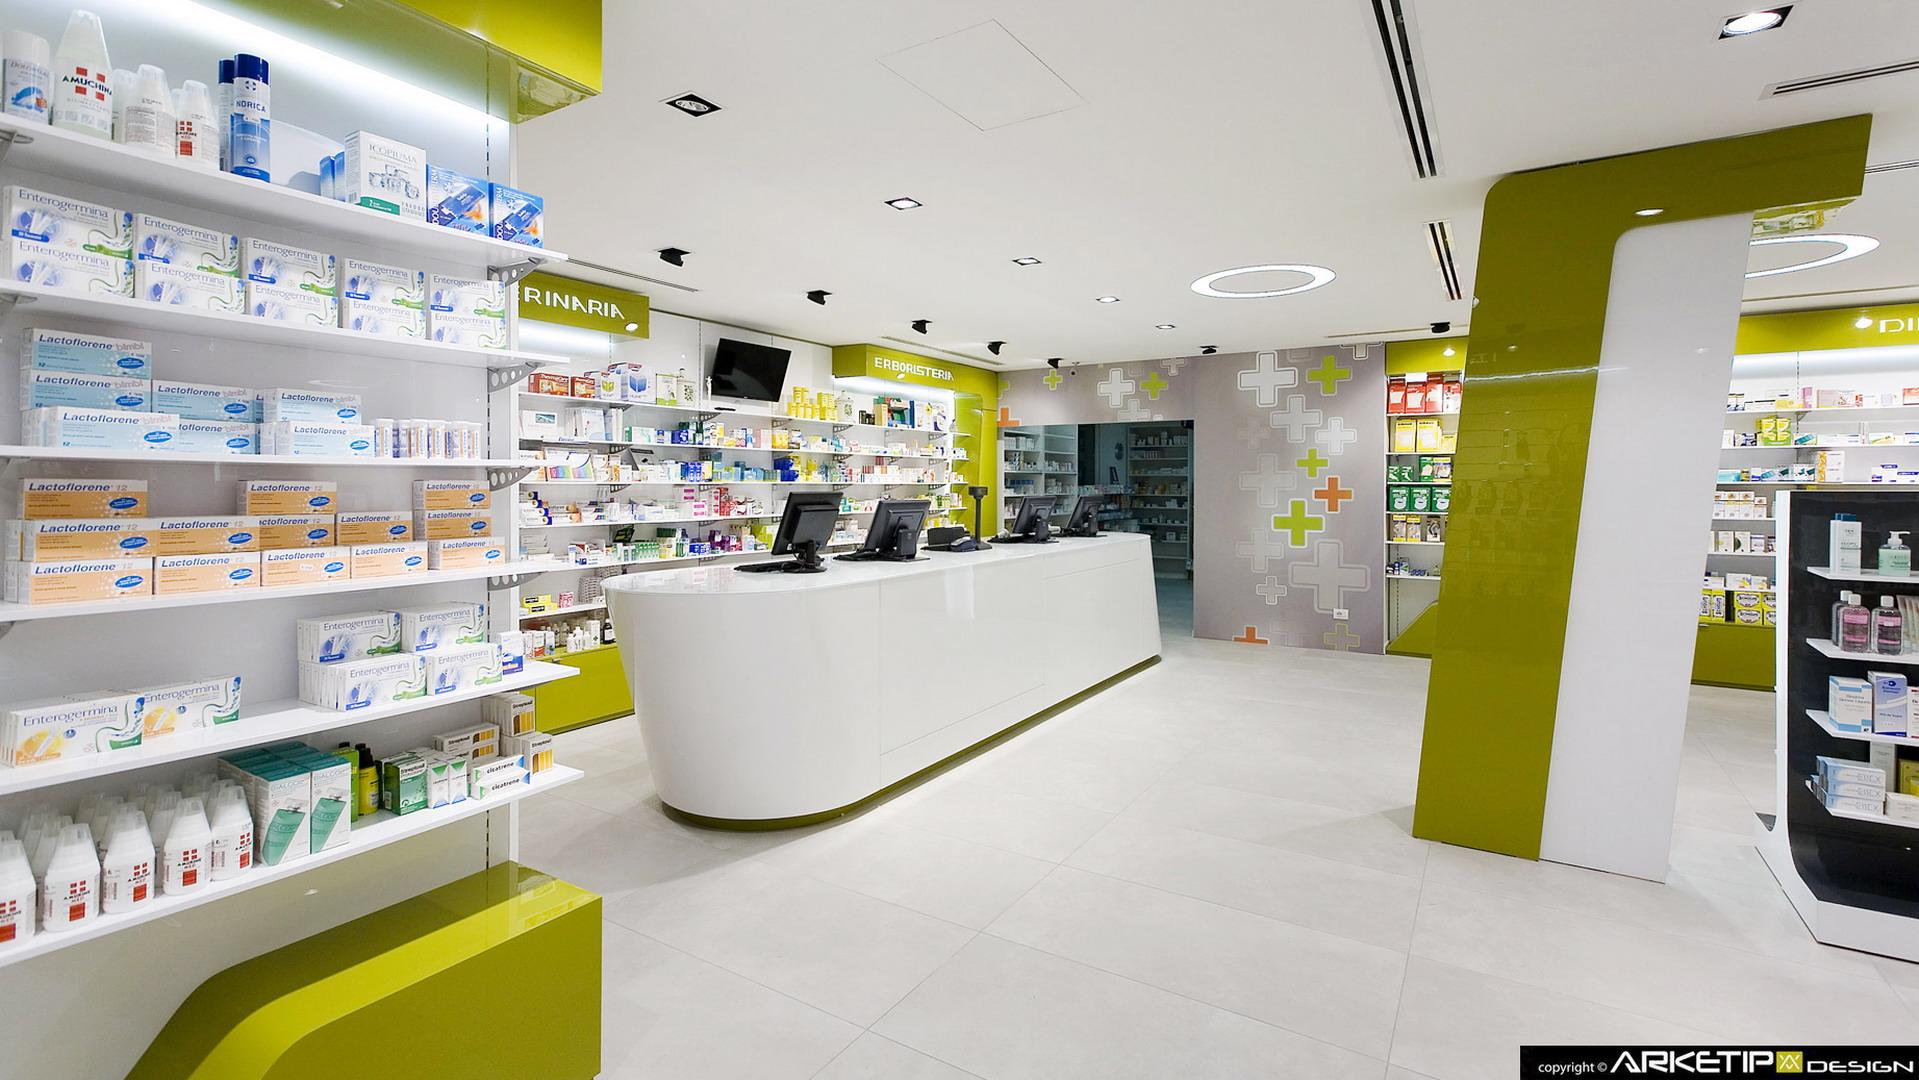 Arredamento farmacie milano arredamento personalizzato for Arredamento negozi milano